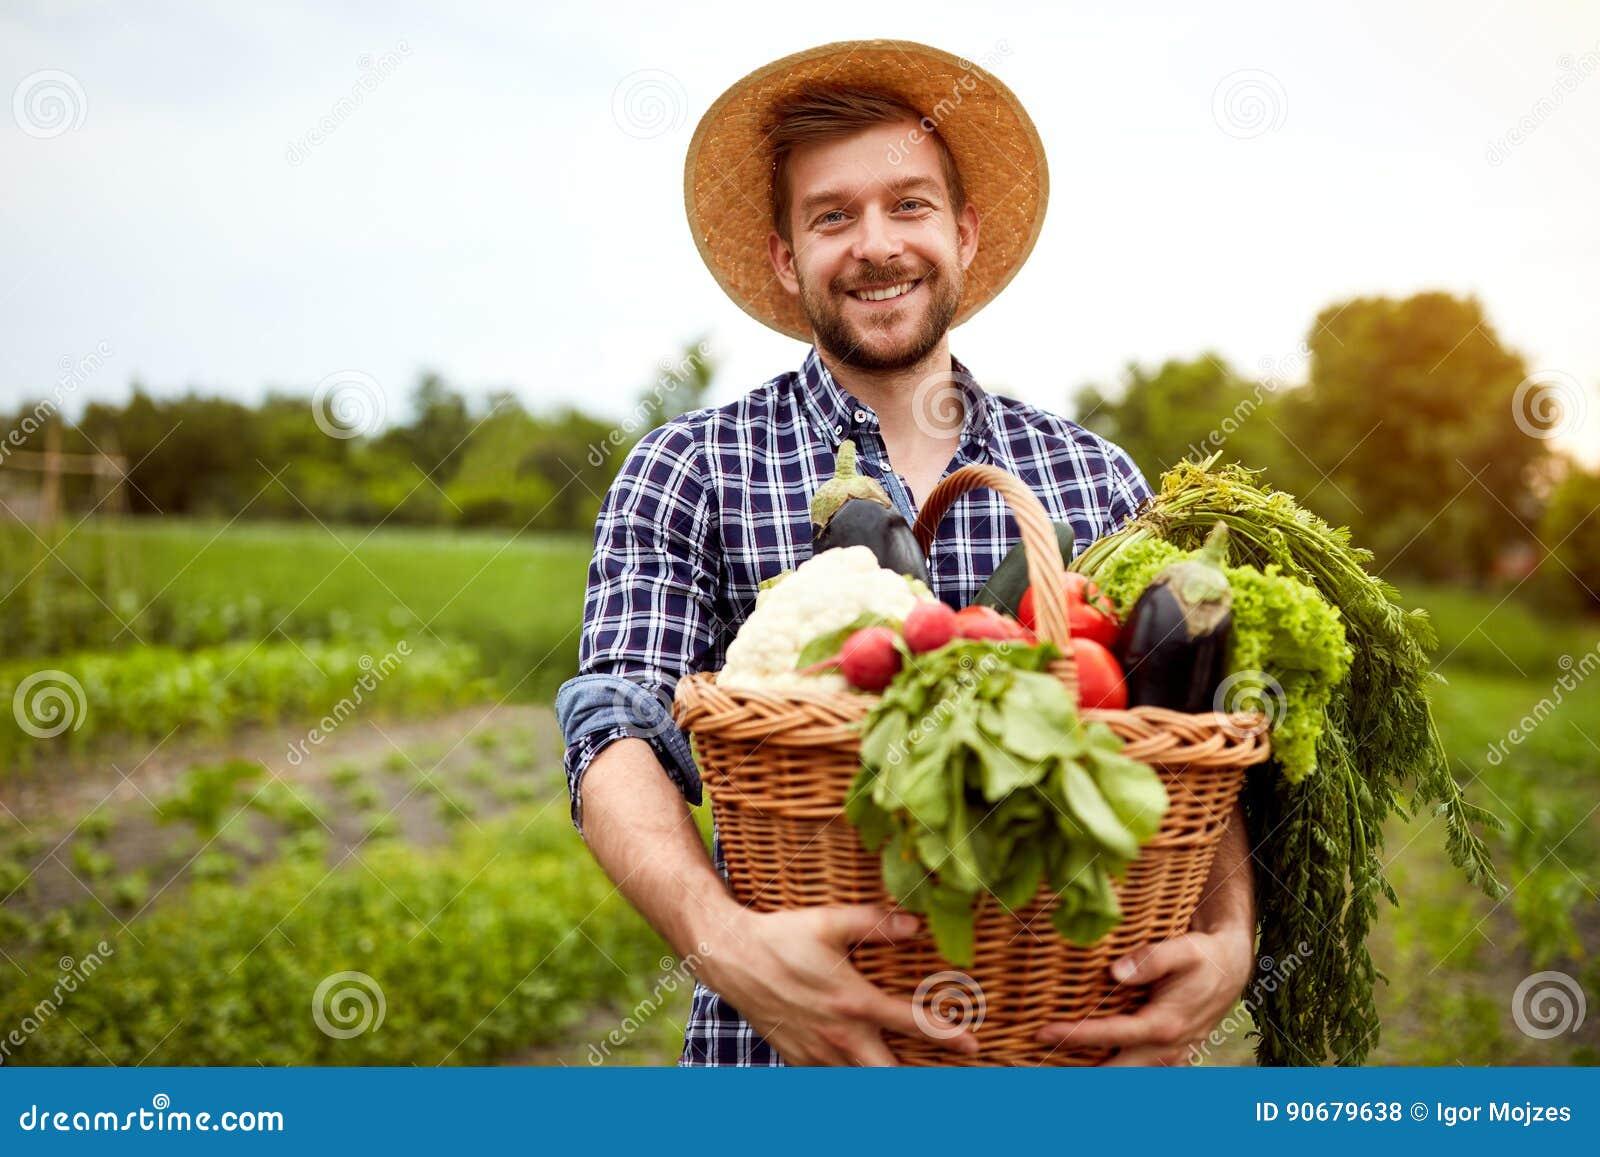 Landwirt mit frisch ausgewähltem Gemüse im Korb